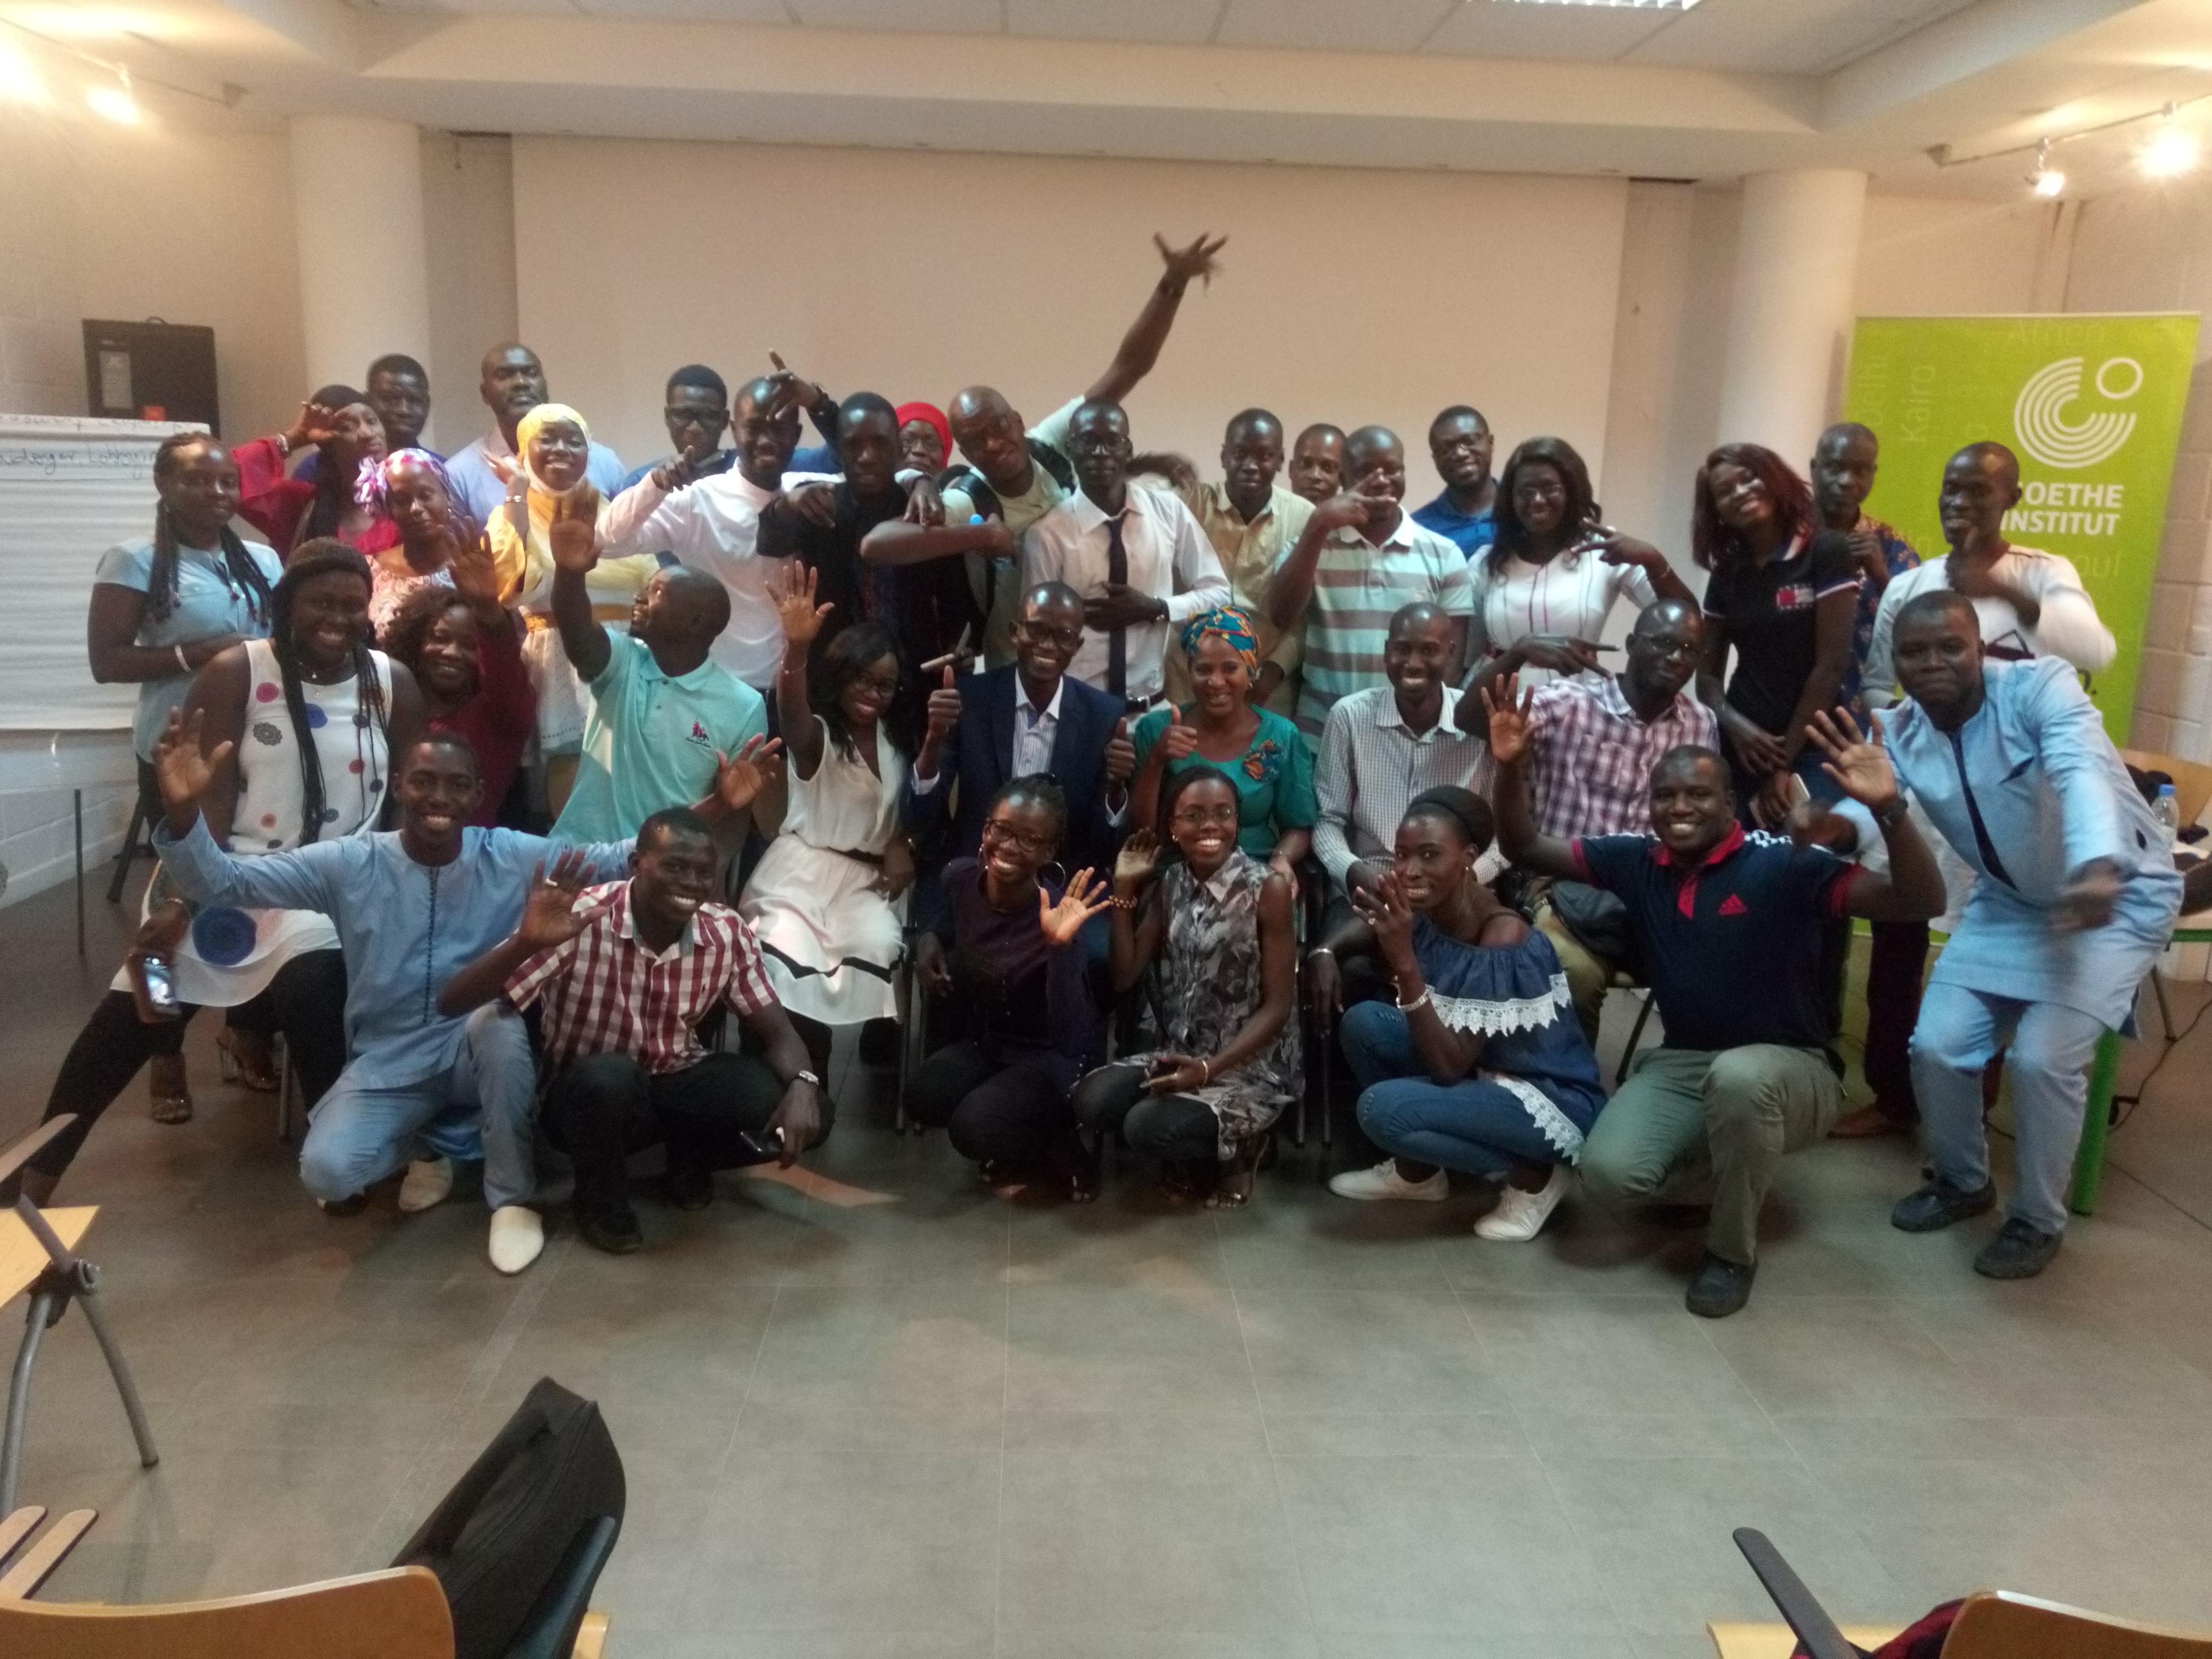 archiviste, Archivistes et Documentalistes, asbad, Association Sénégalaise des Bibliothécaires, bibliothécaires, formation sur les réseaux sociaux, professionnels de l'information documentaire, Réseaux sociaux, utilisation des réseaux sociaux